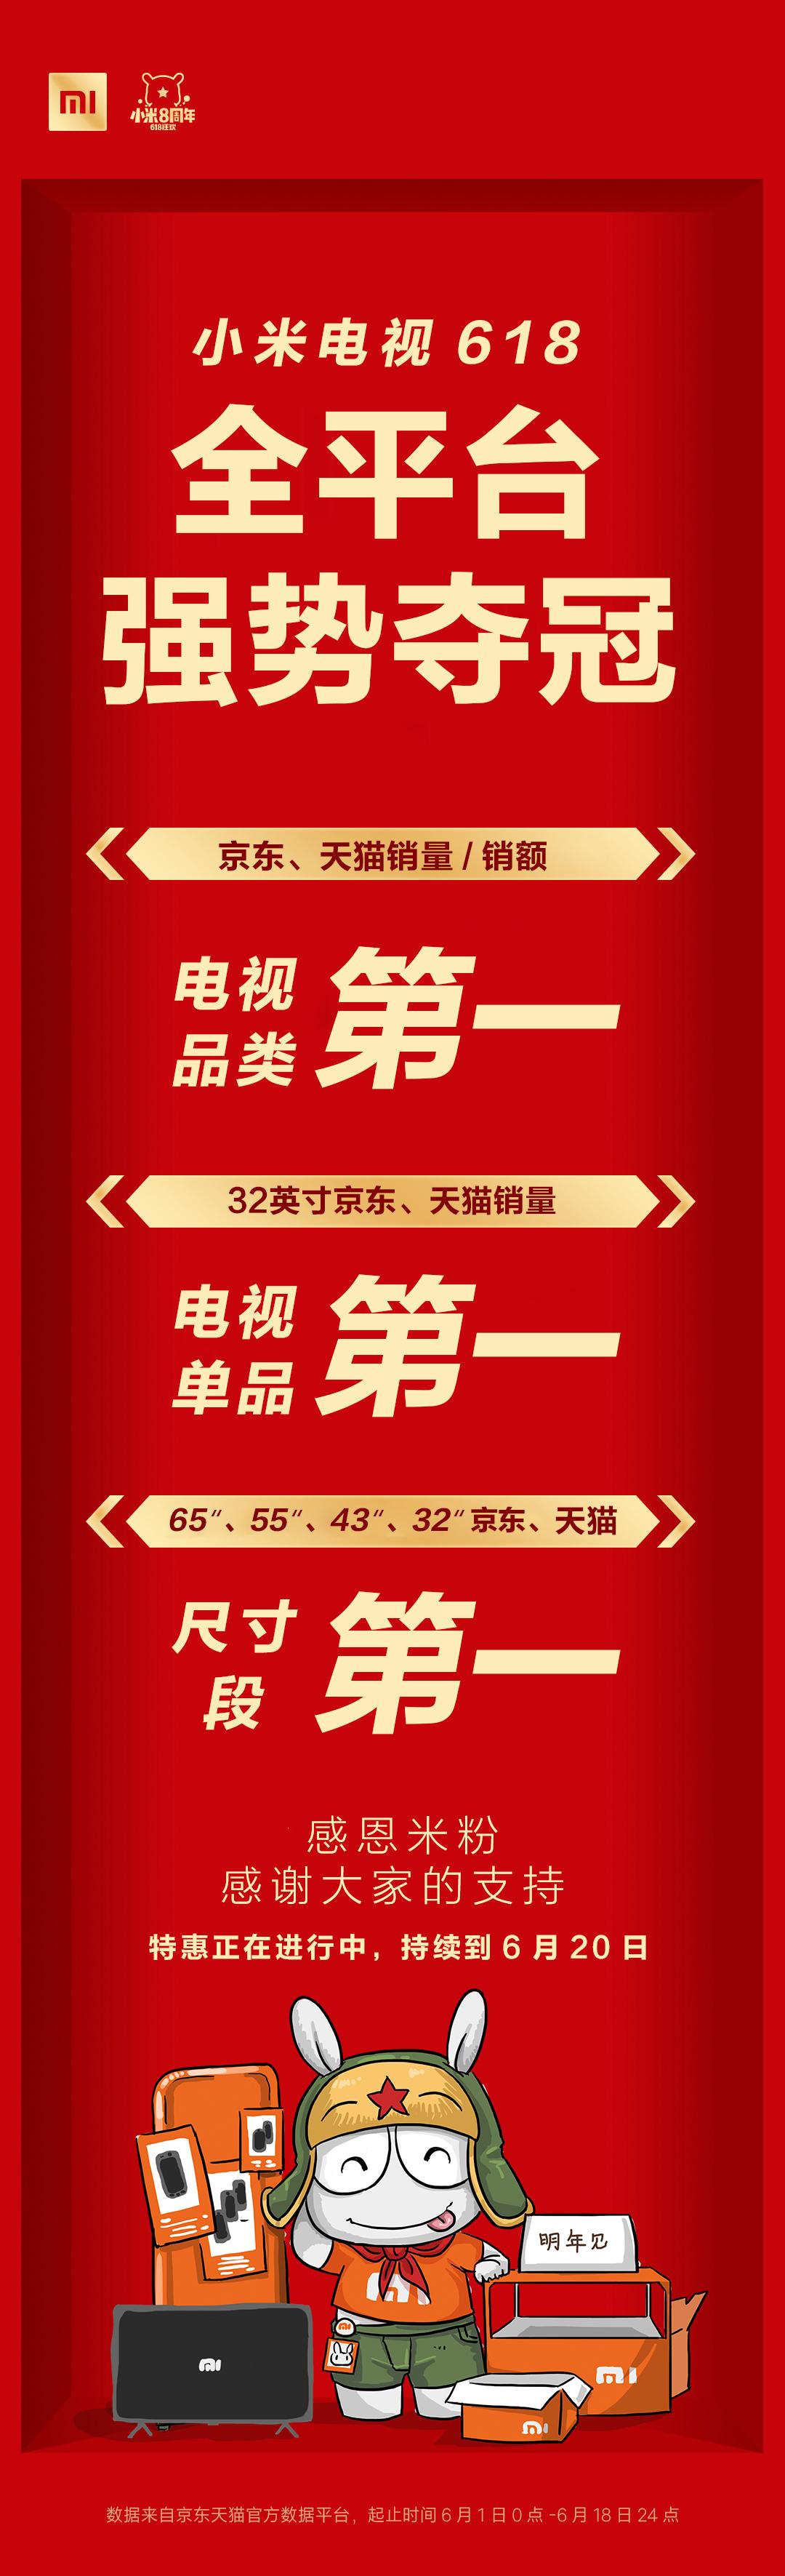 618小米电视成最大赢家 京东天猫销量销售额均夺冠